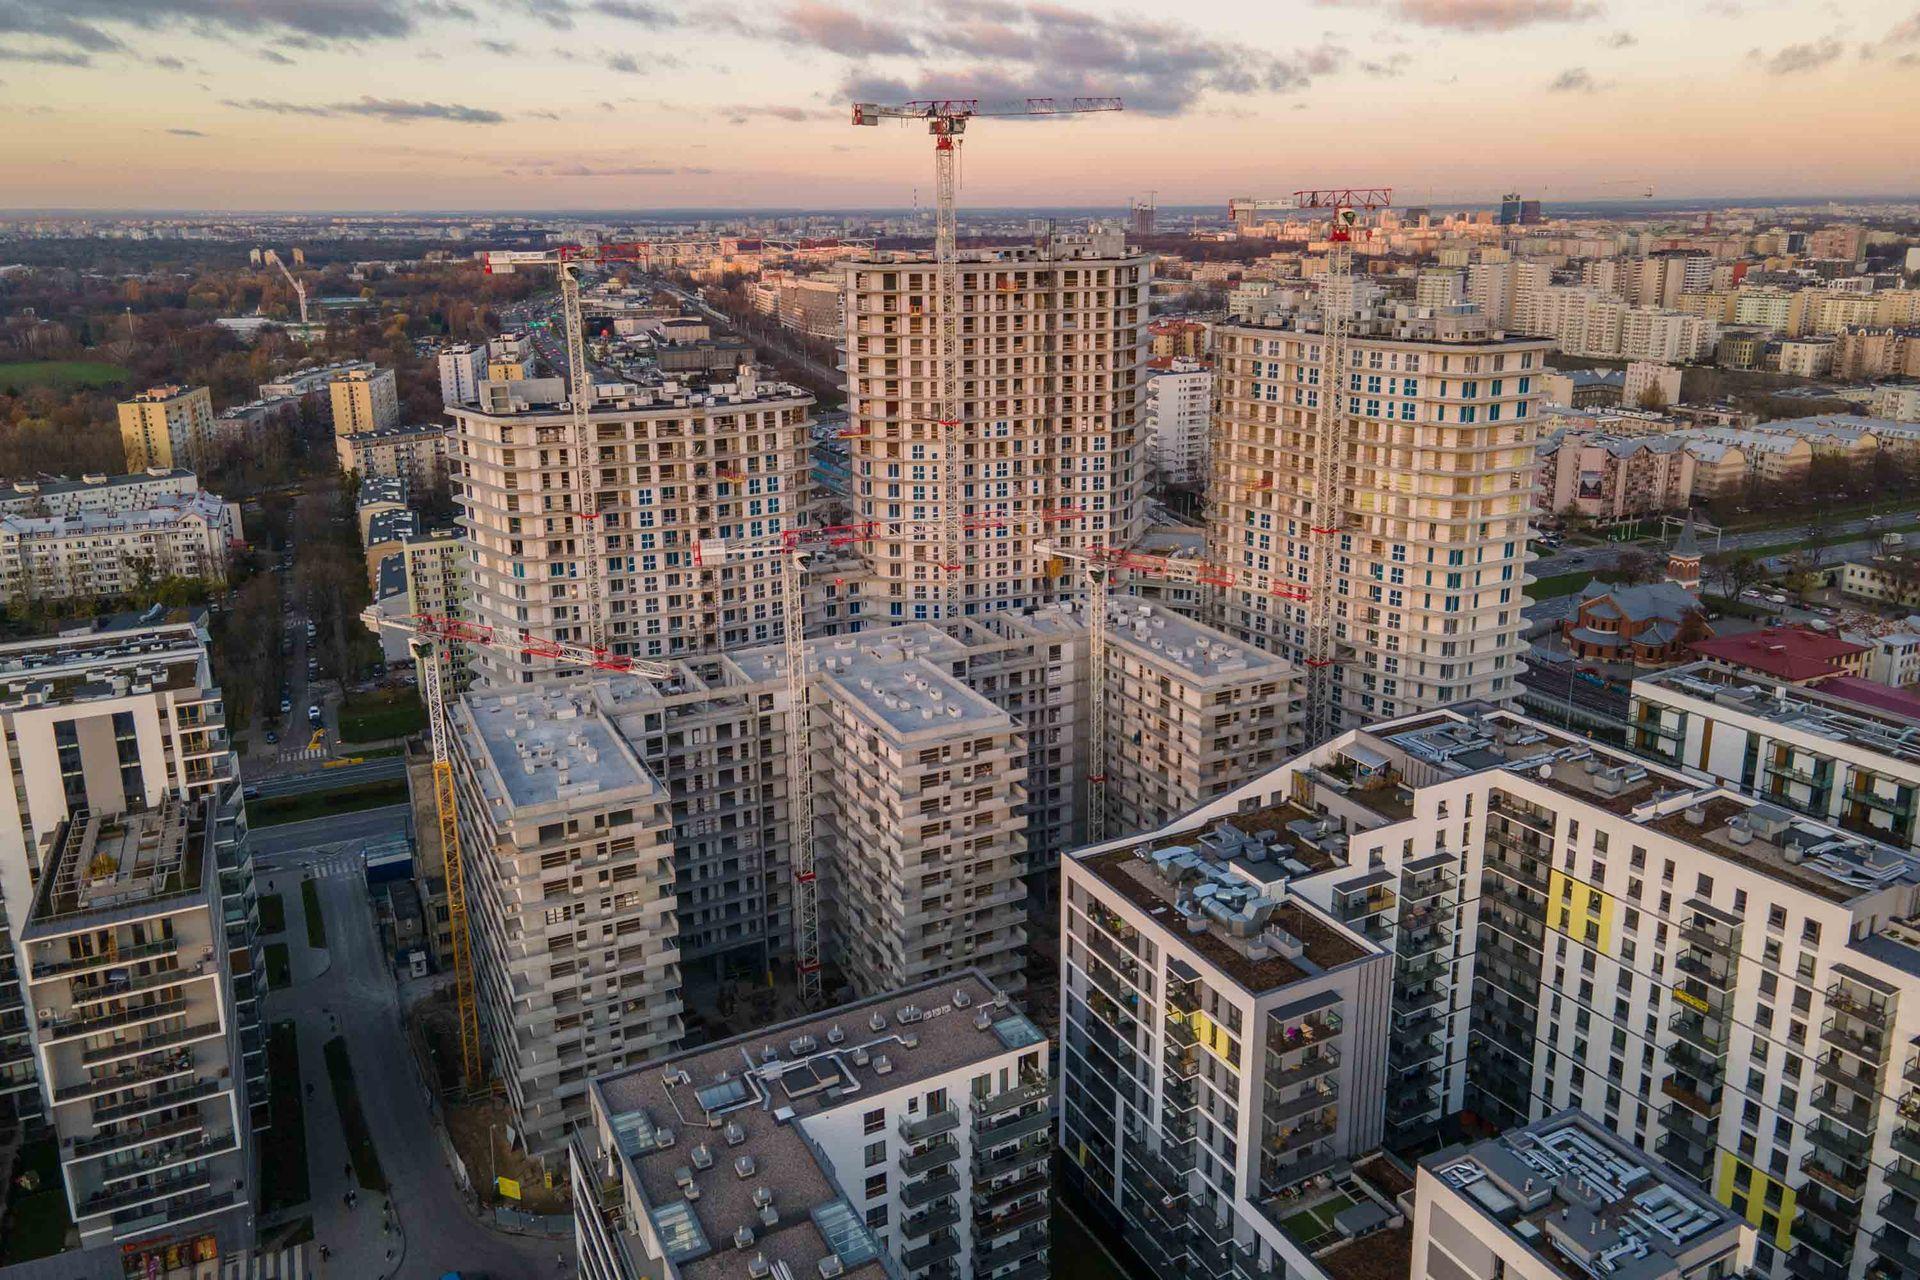 Średnia cena ofertowa mieszkań w Warszawie przekroczyła 12 tysięcy złotych